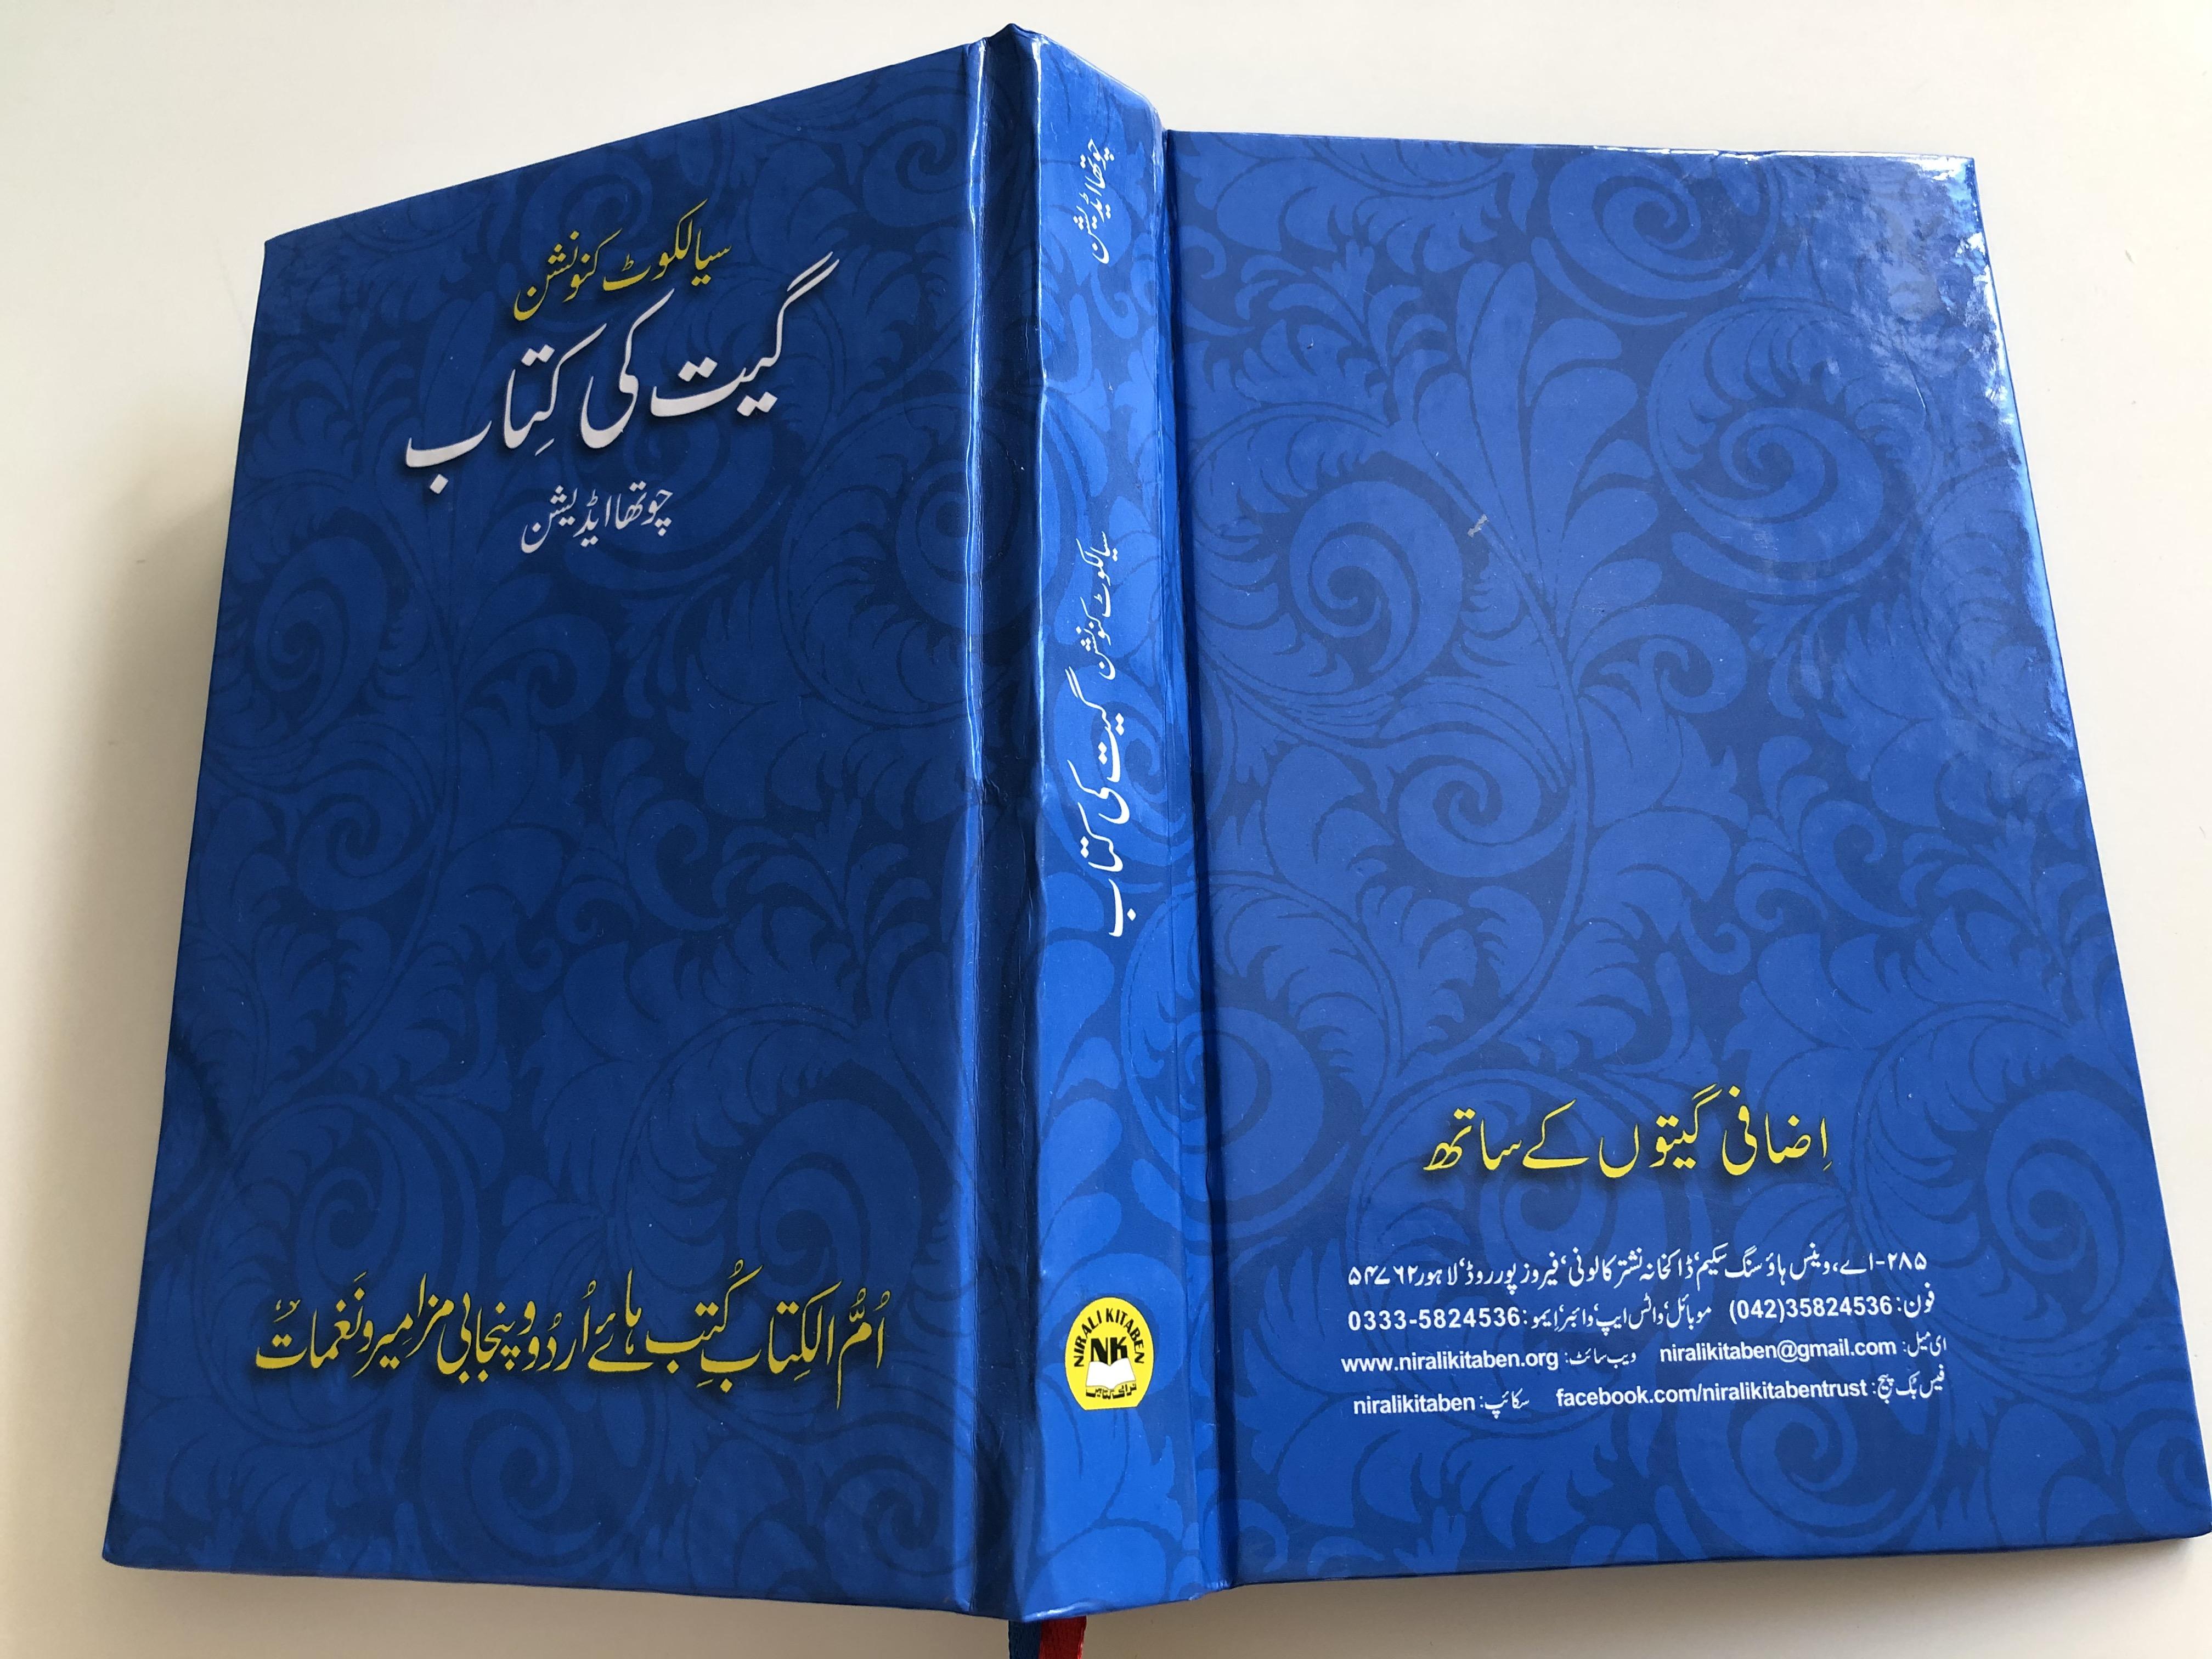 urdu-language-sialkot-chrisitian-hymnal-and-song-book-nirali-kitaben-2-.jpg